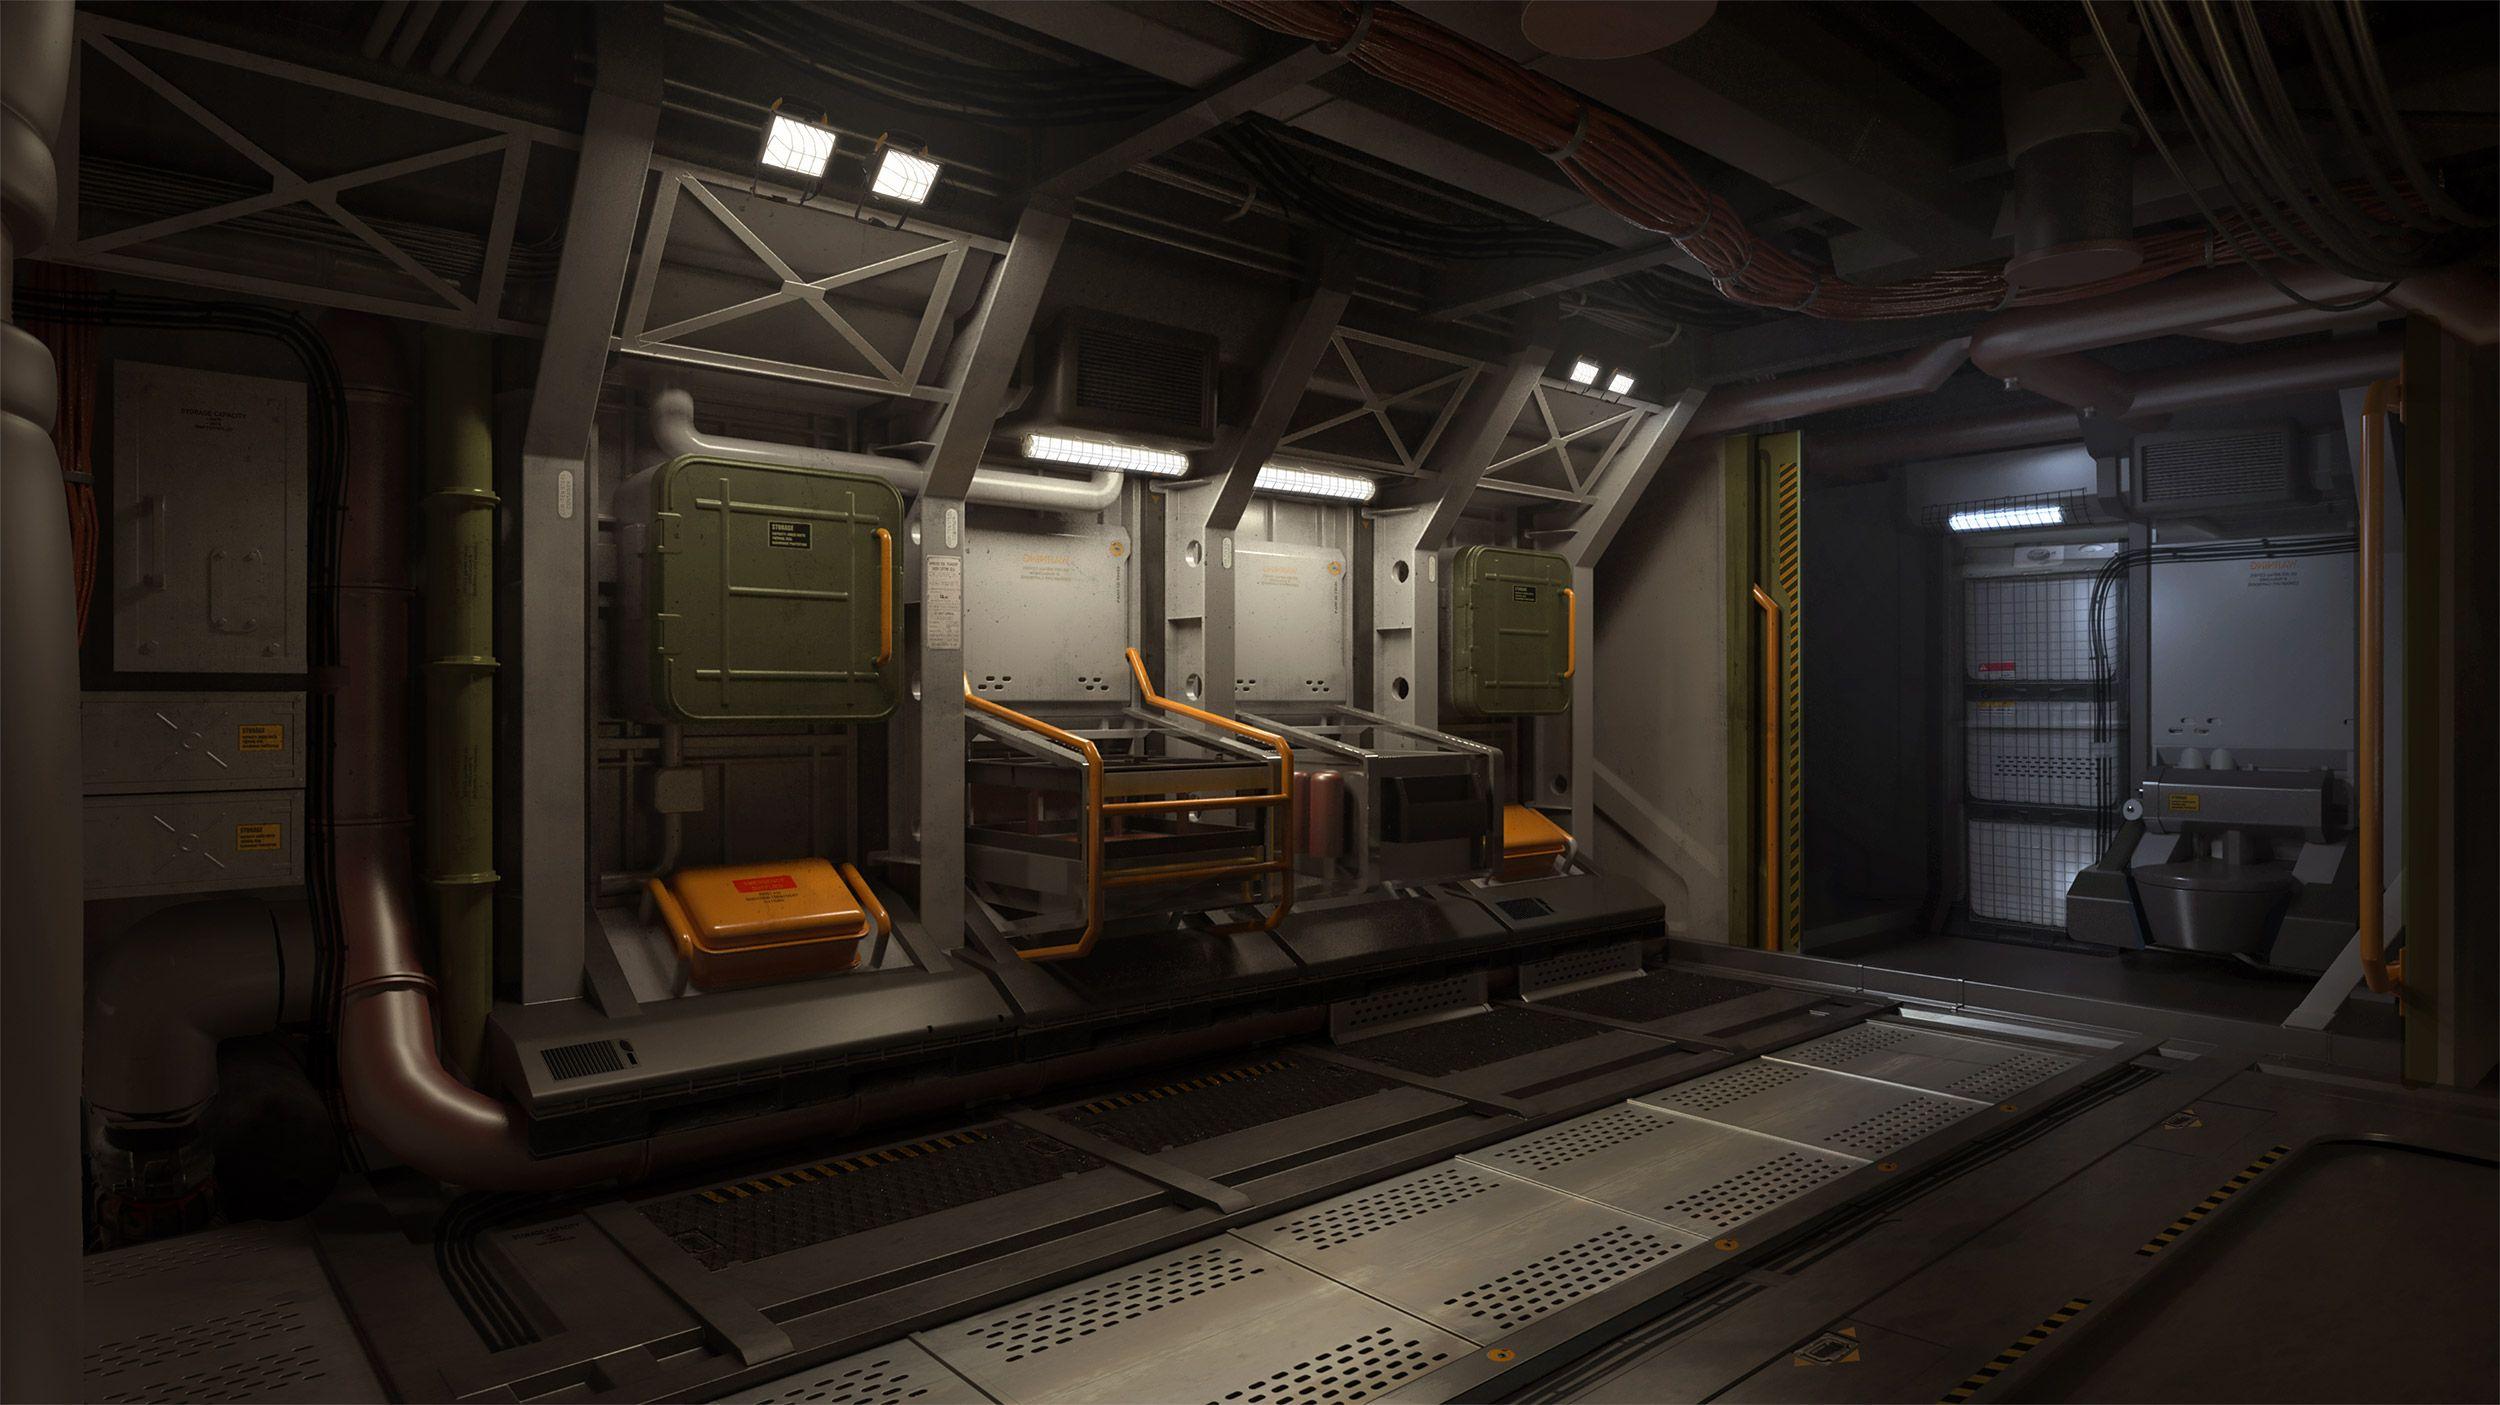 Pingl par daniil demchenko sur refs spaceships interior for Interieur vaisseau spatial